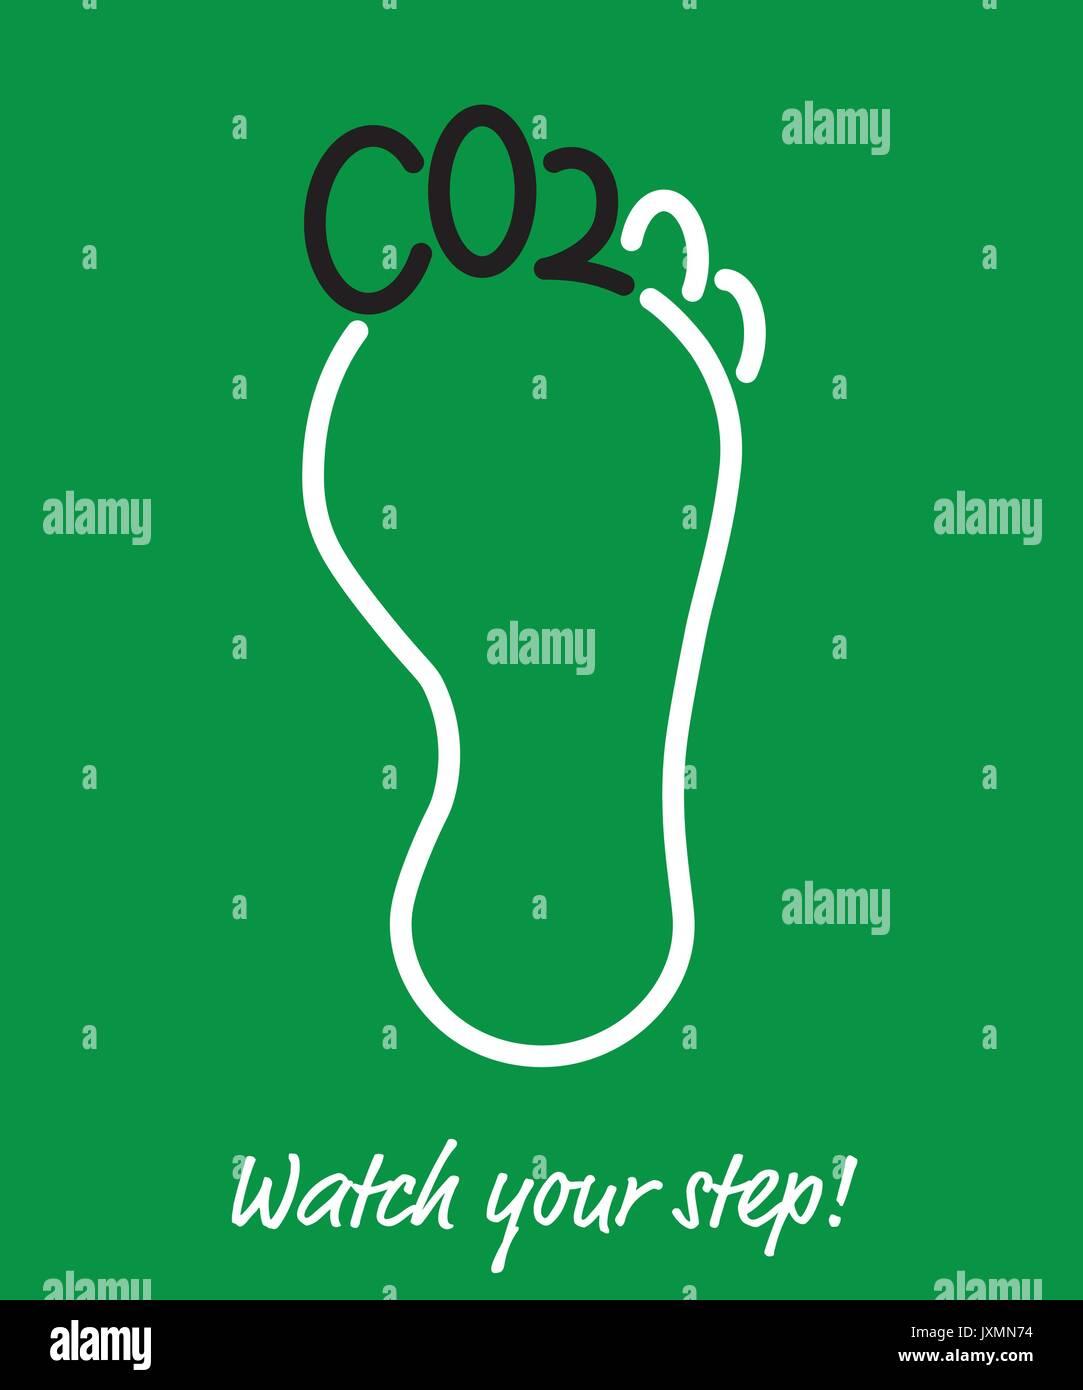 La huella de carbono de póster, dedos del pie en forma de letras CO2, a corto plazo para el Dióxido de carbono Imagen De Stock